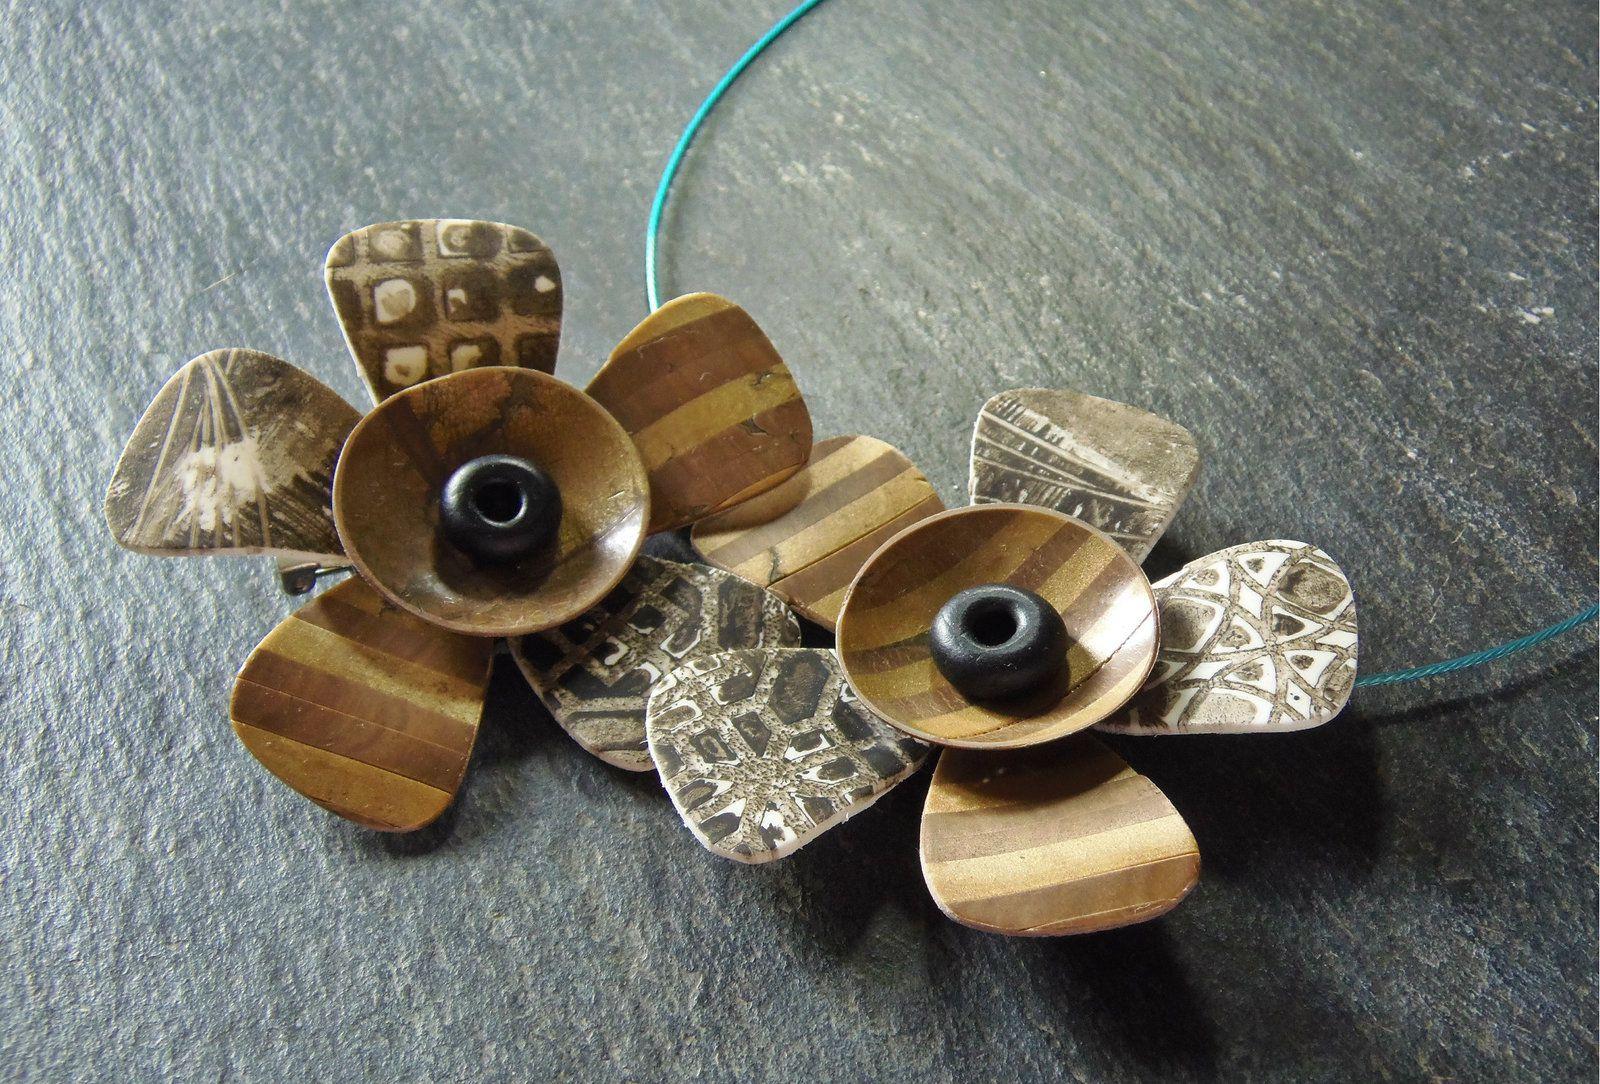 Sinon, effet nouveau bois ou bois doré, comme on voudra et des textures toutes simples.